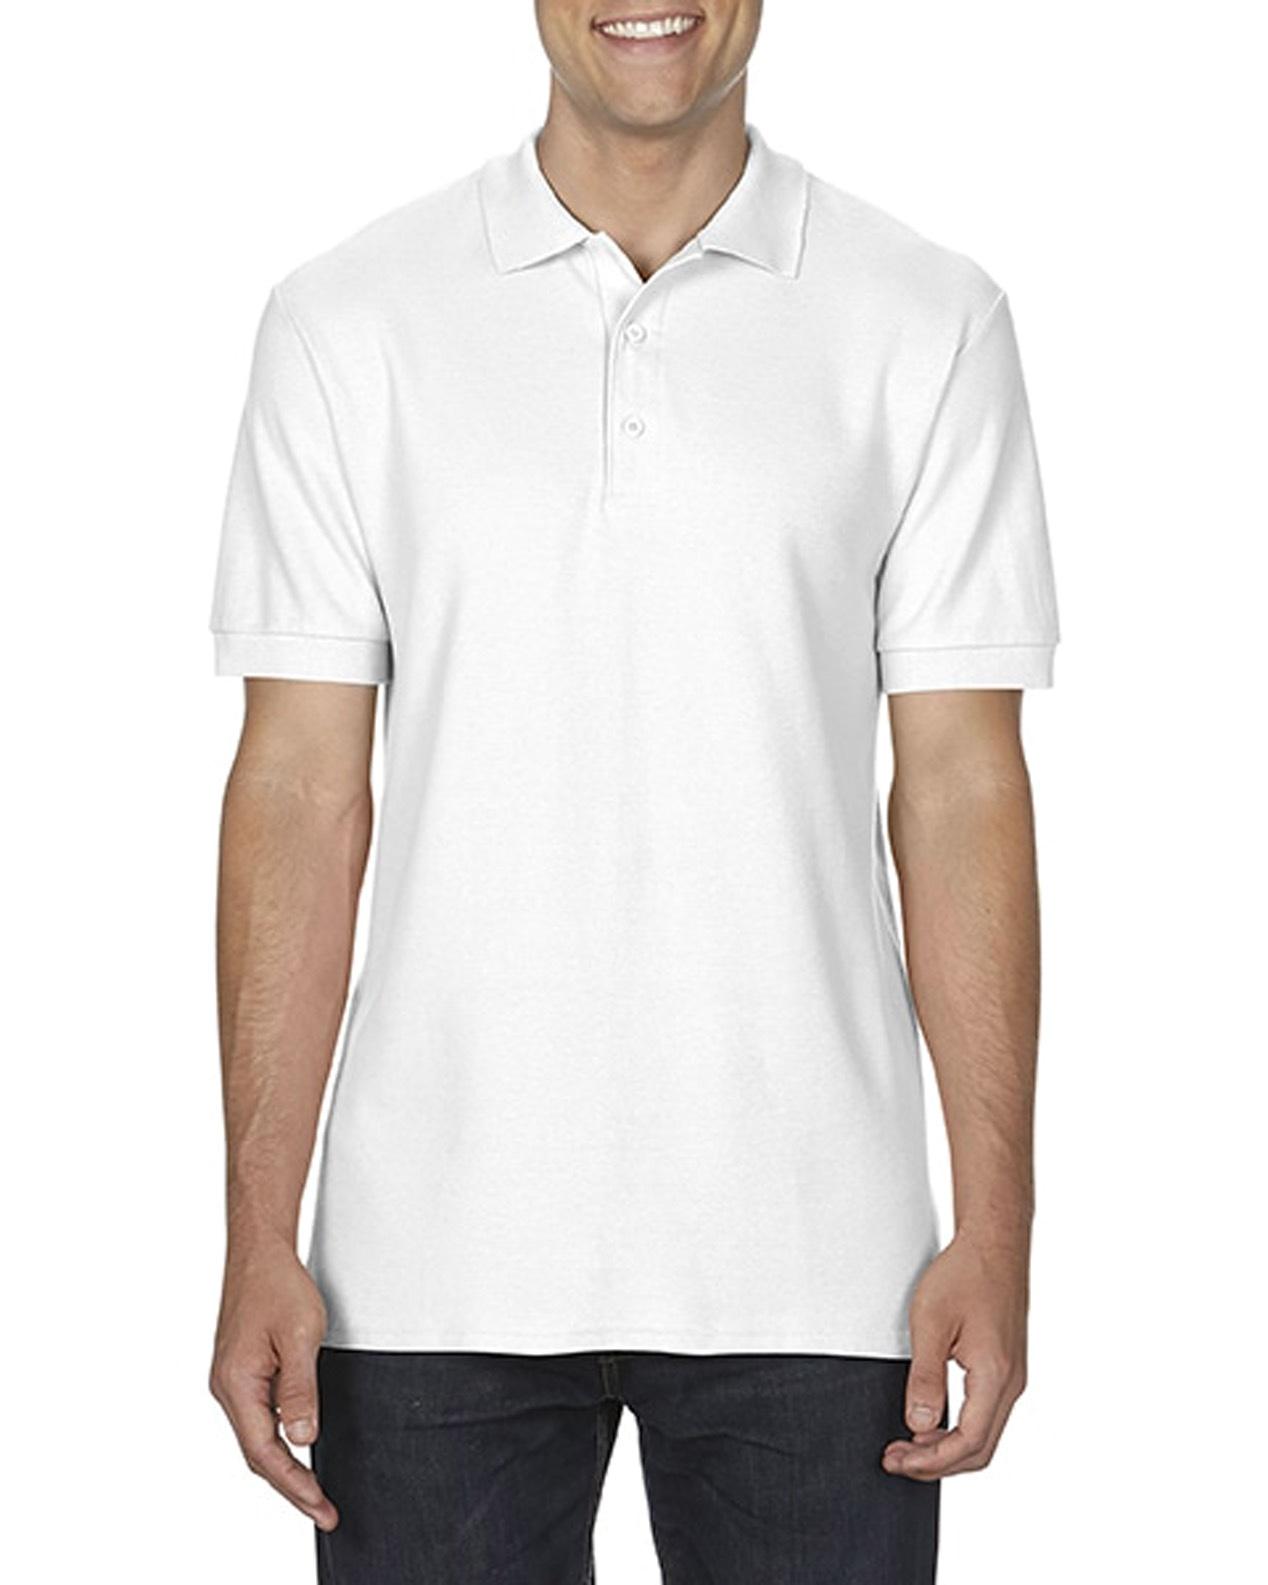 100 cotton Gildan polo shirt white